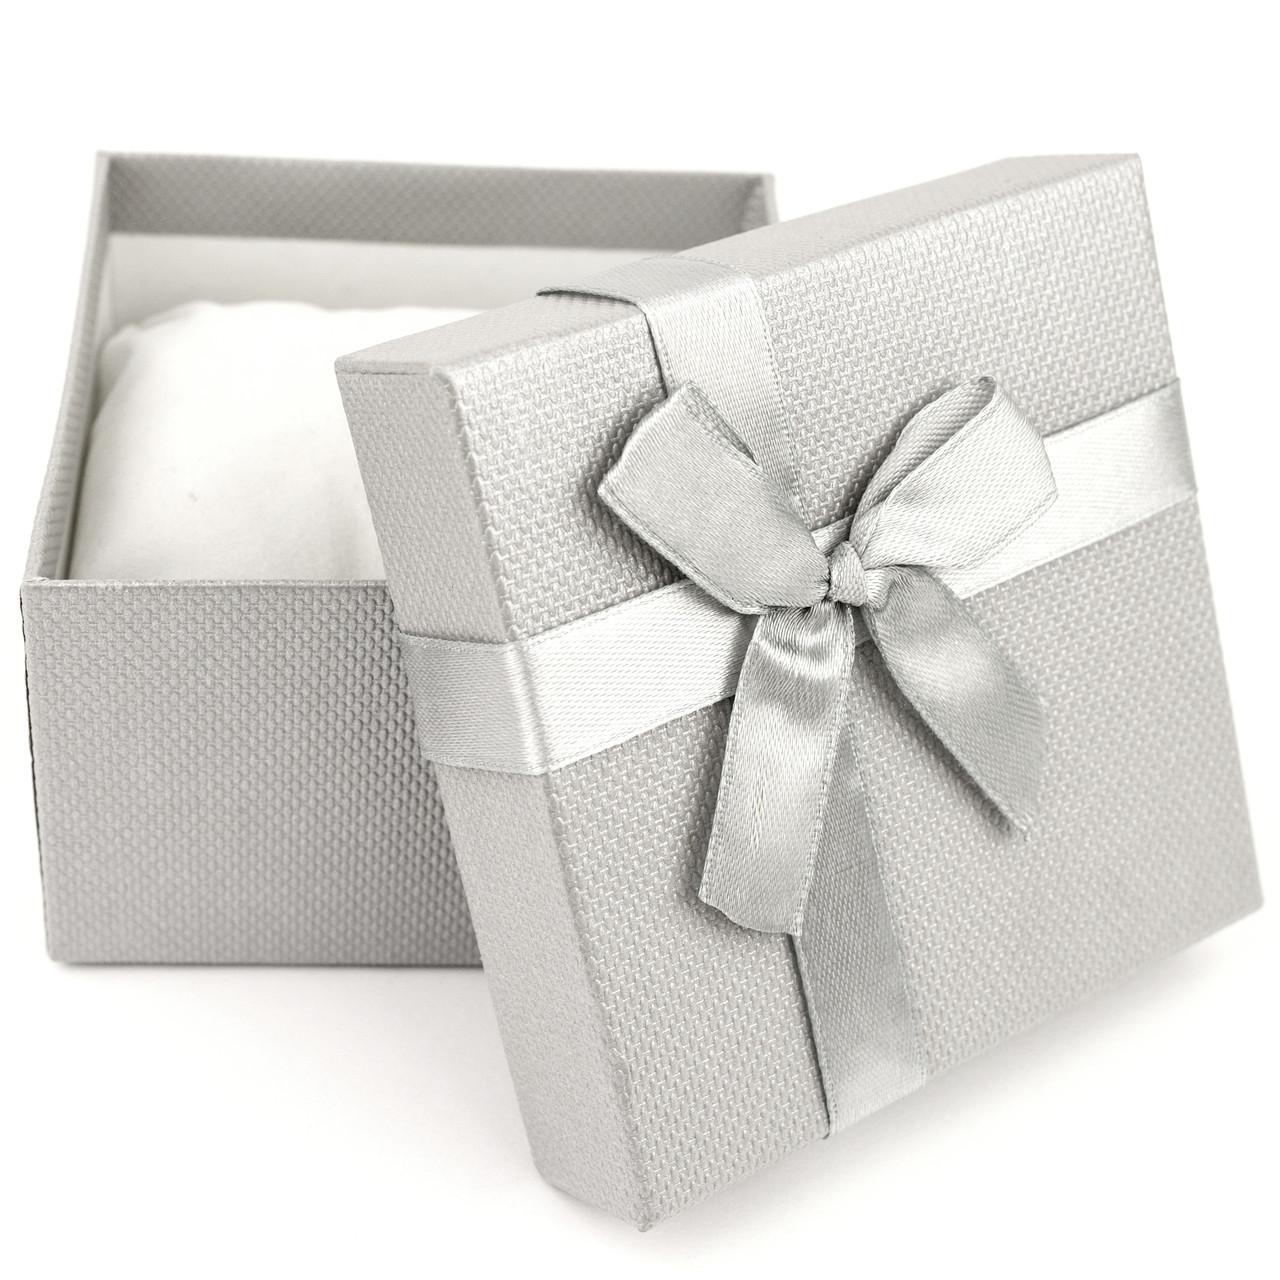 Подарочная коробка для часов или браслета серая 9 x 9 x 6 см